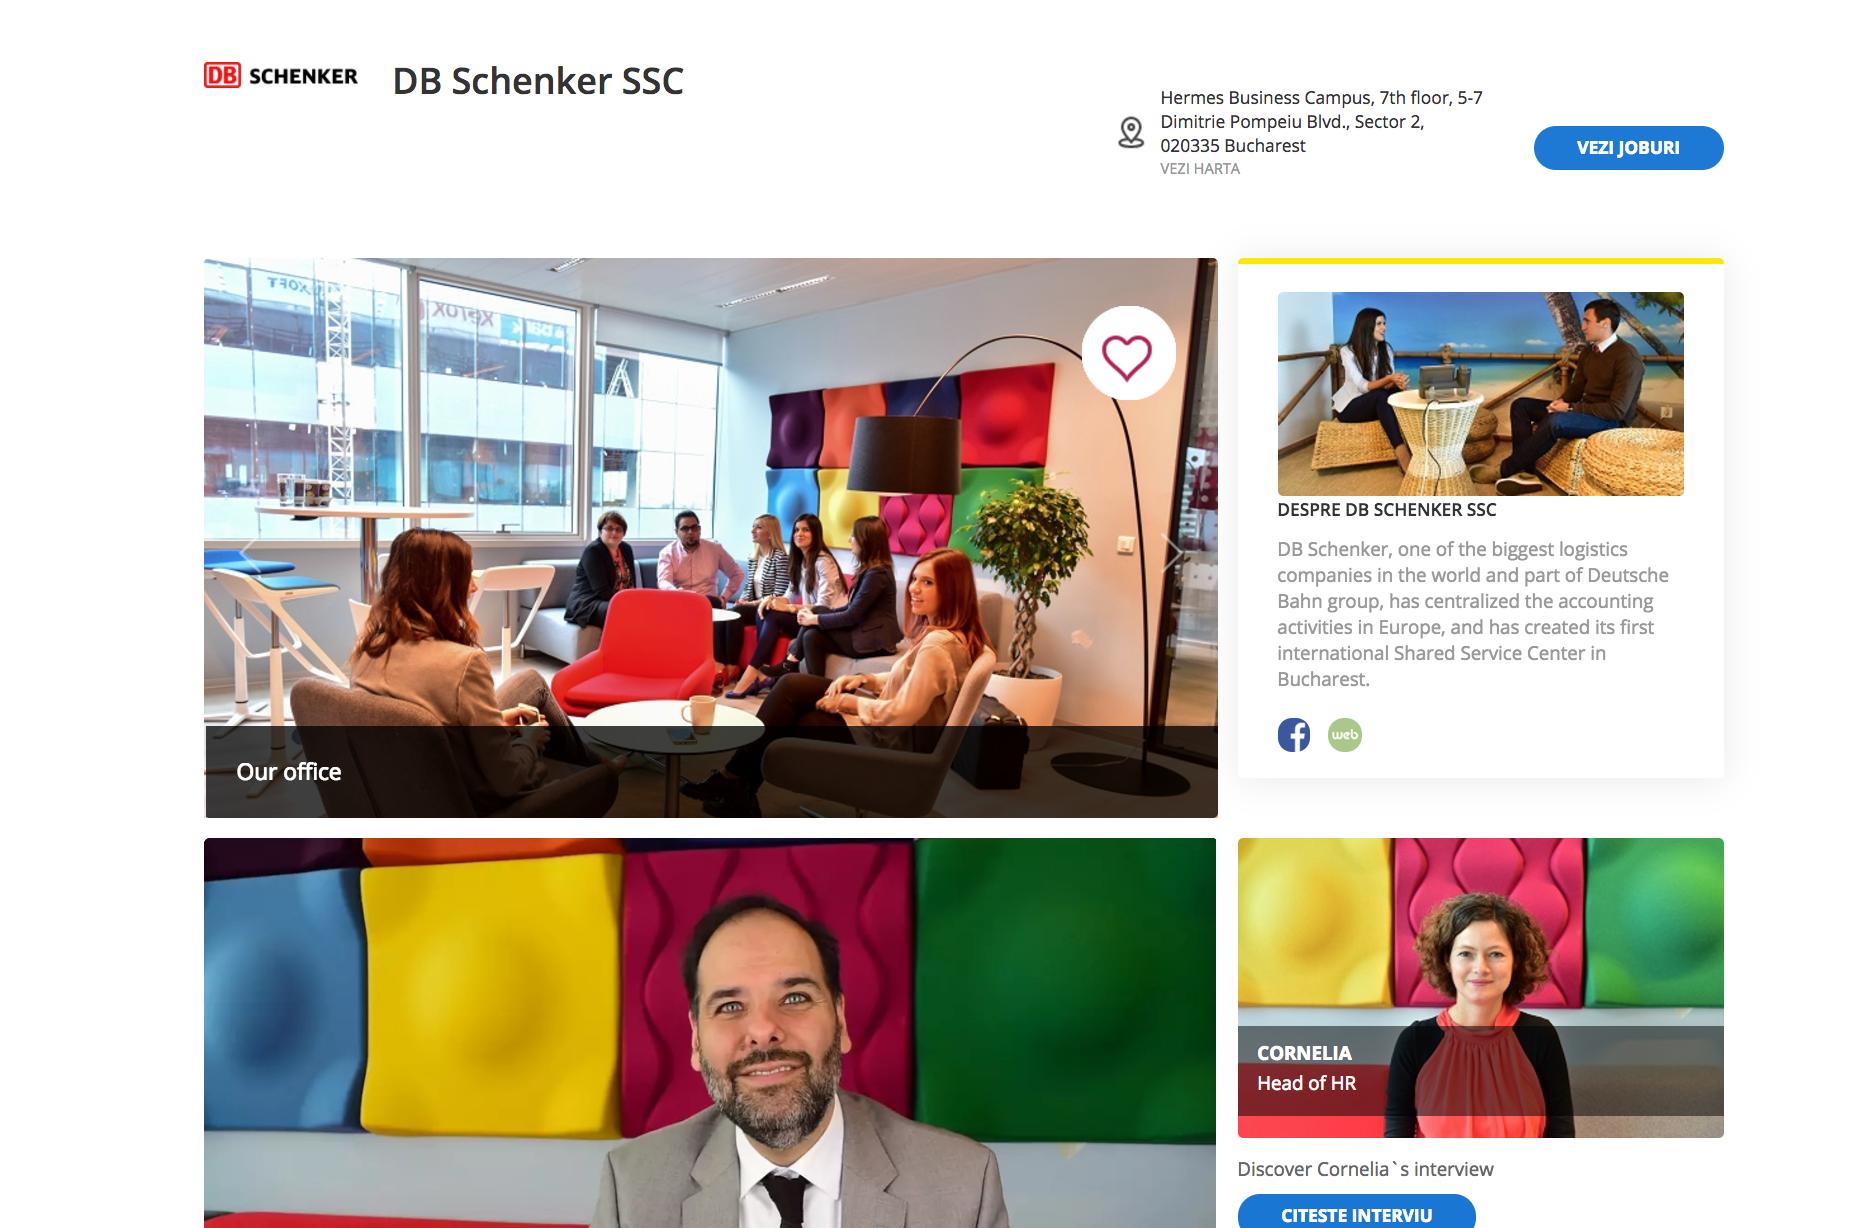 DB Schenker SSC